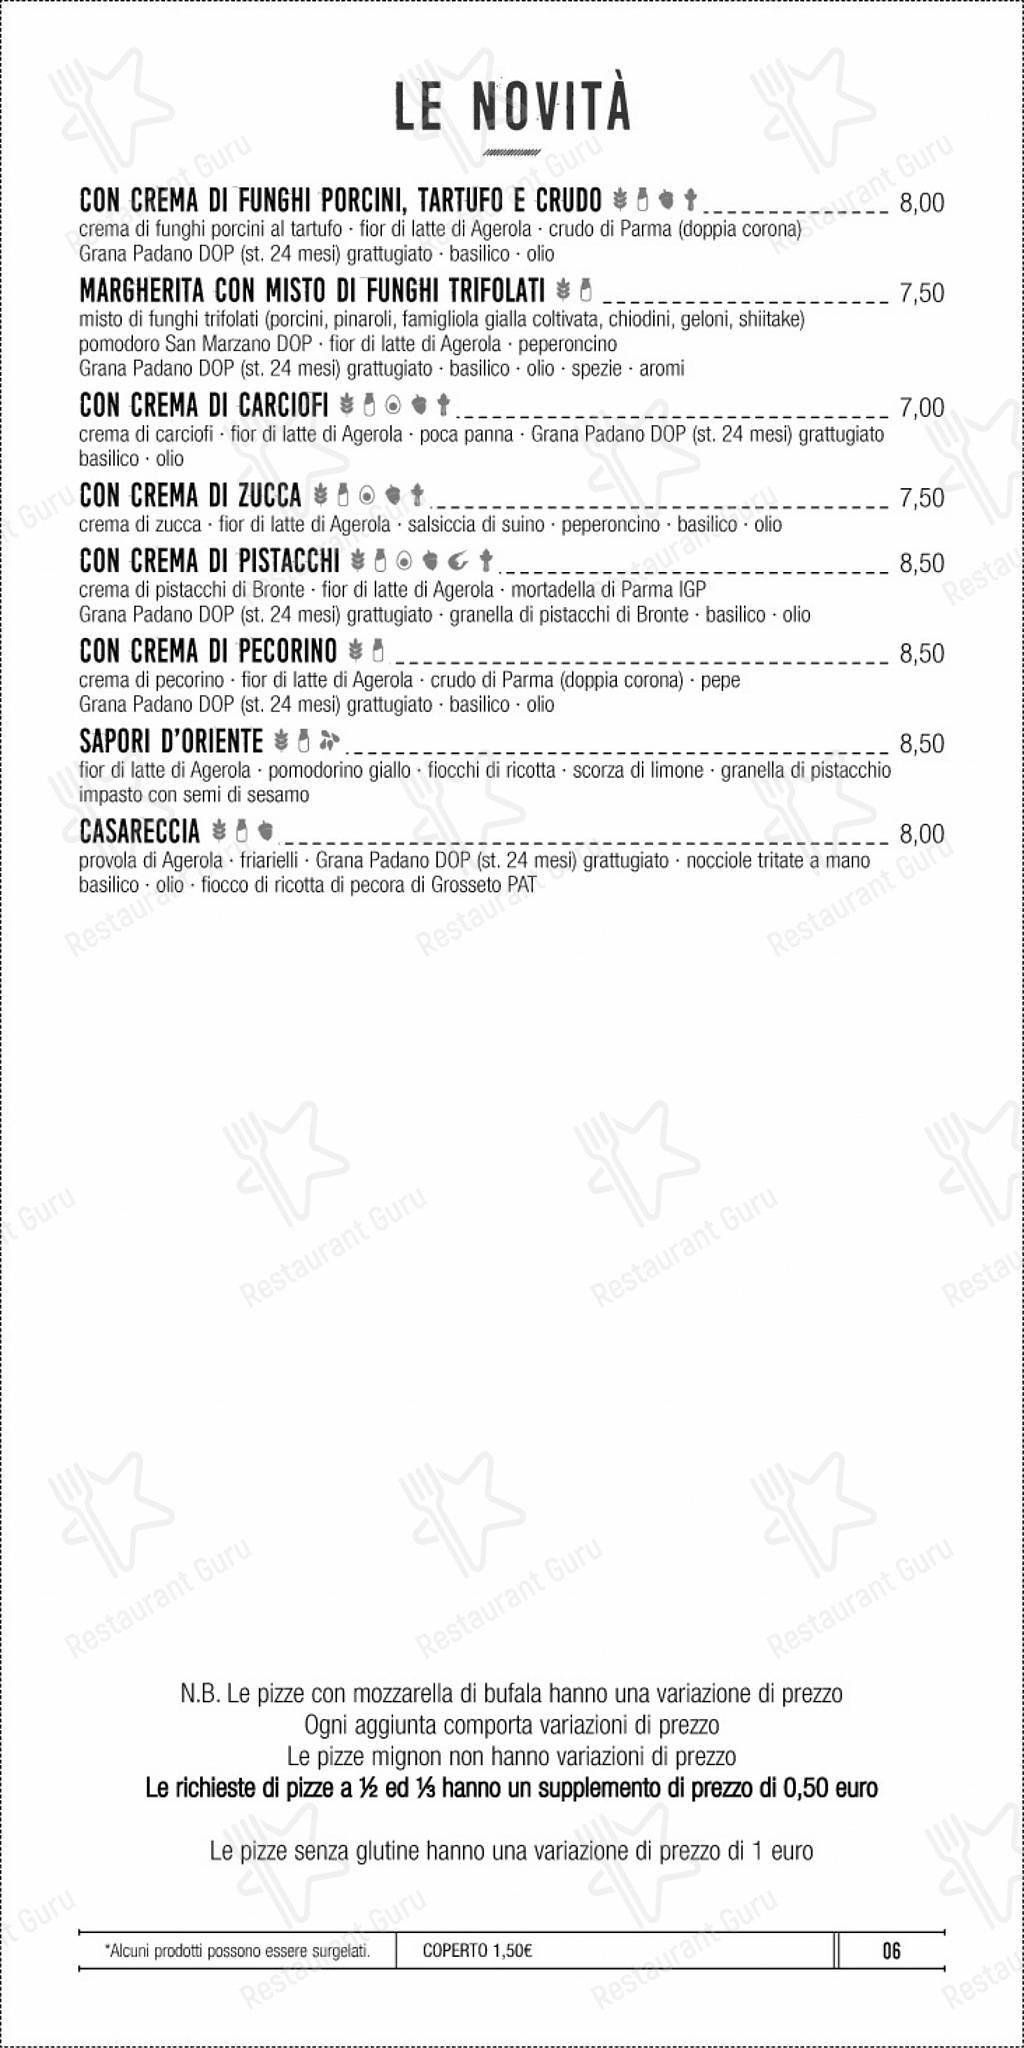 Di Napoli menu